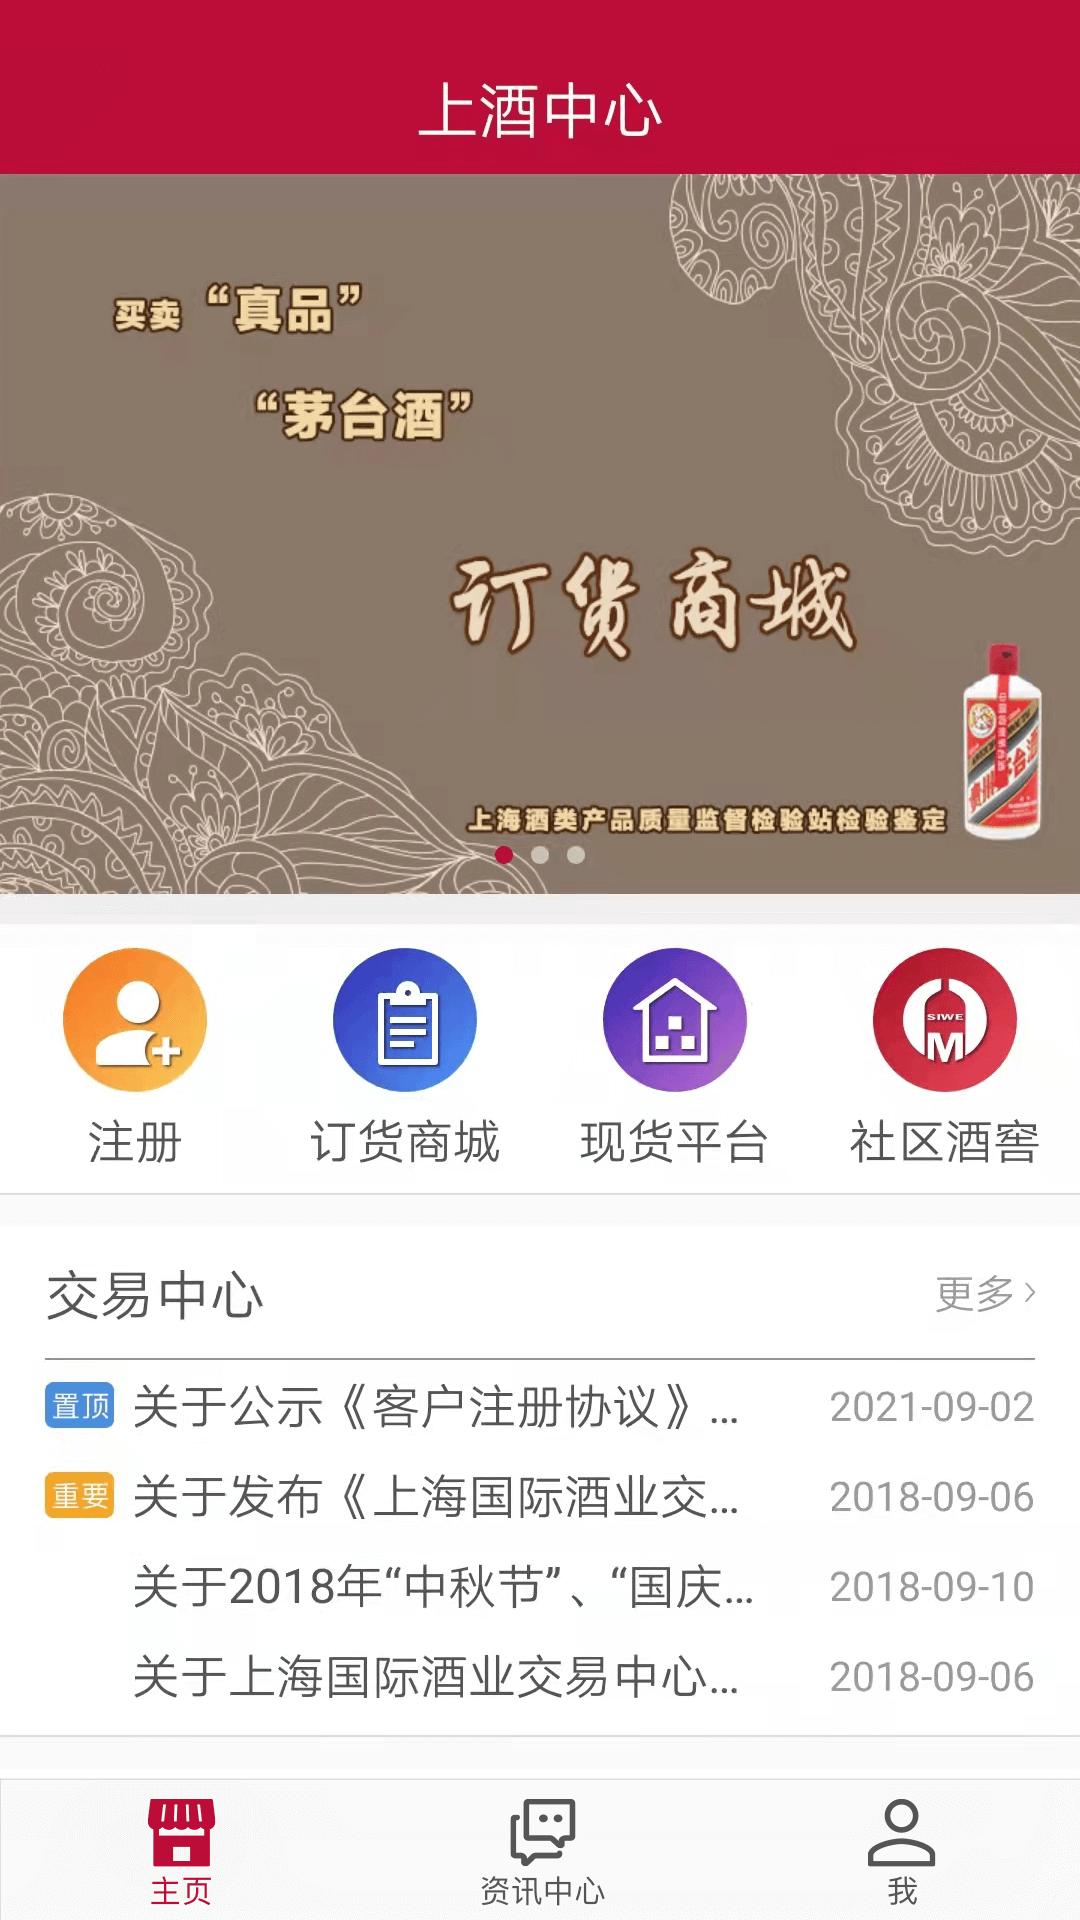 上酒中心(2)